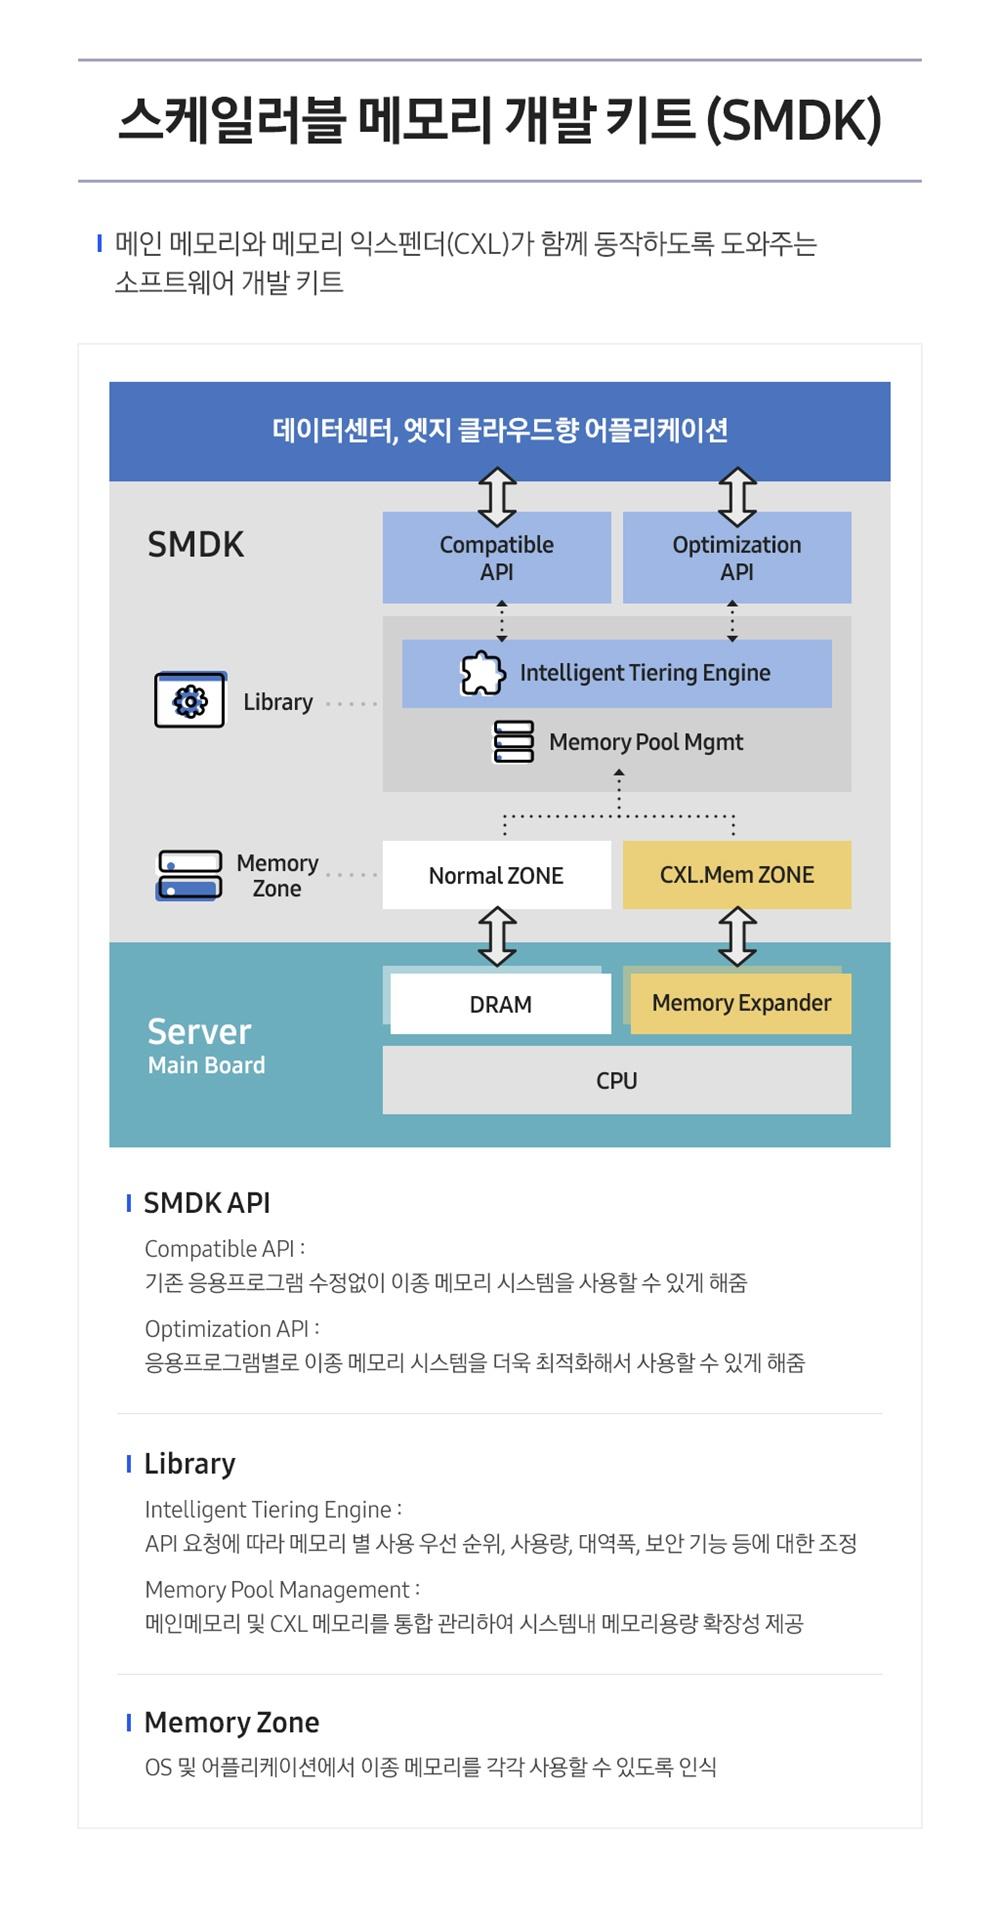 CXL 메모리 소프트웨어 개발 솔루션(인포그래픽)